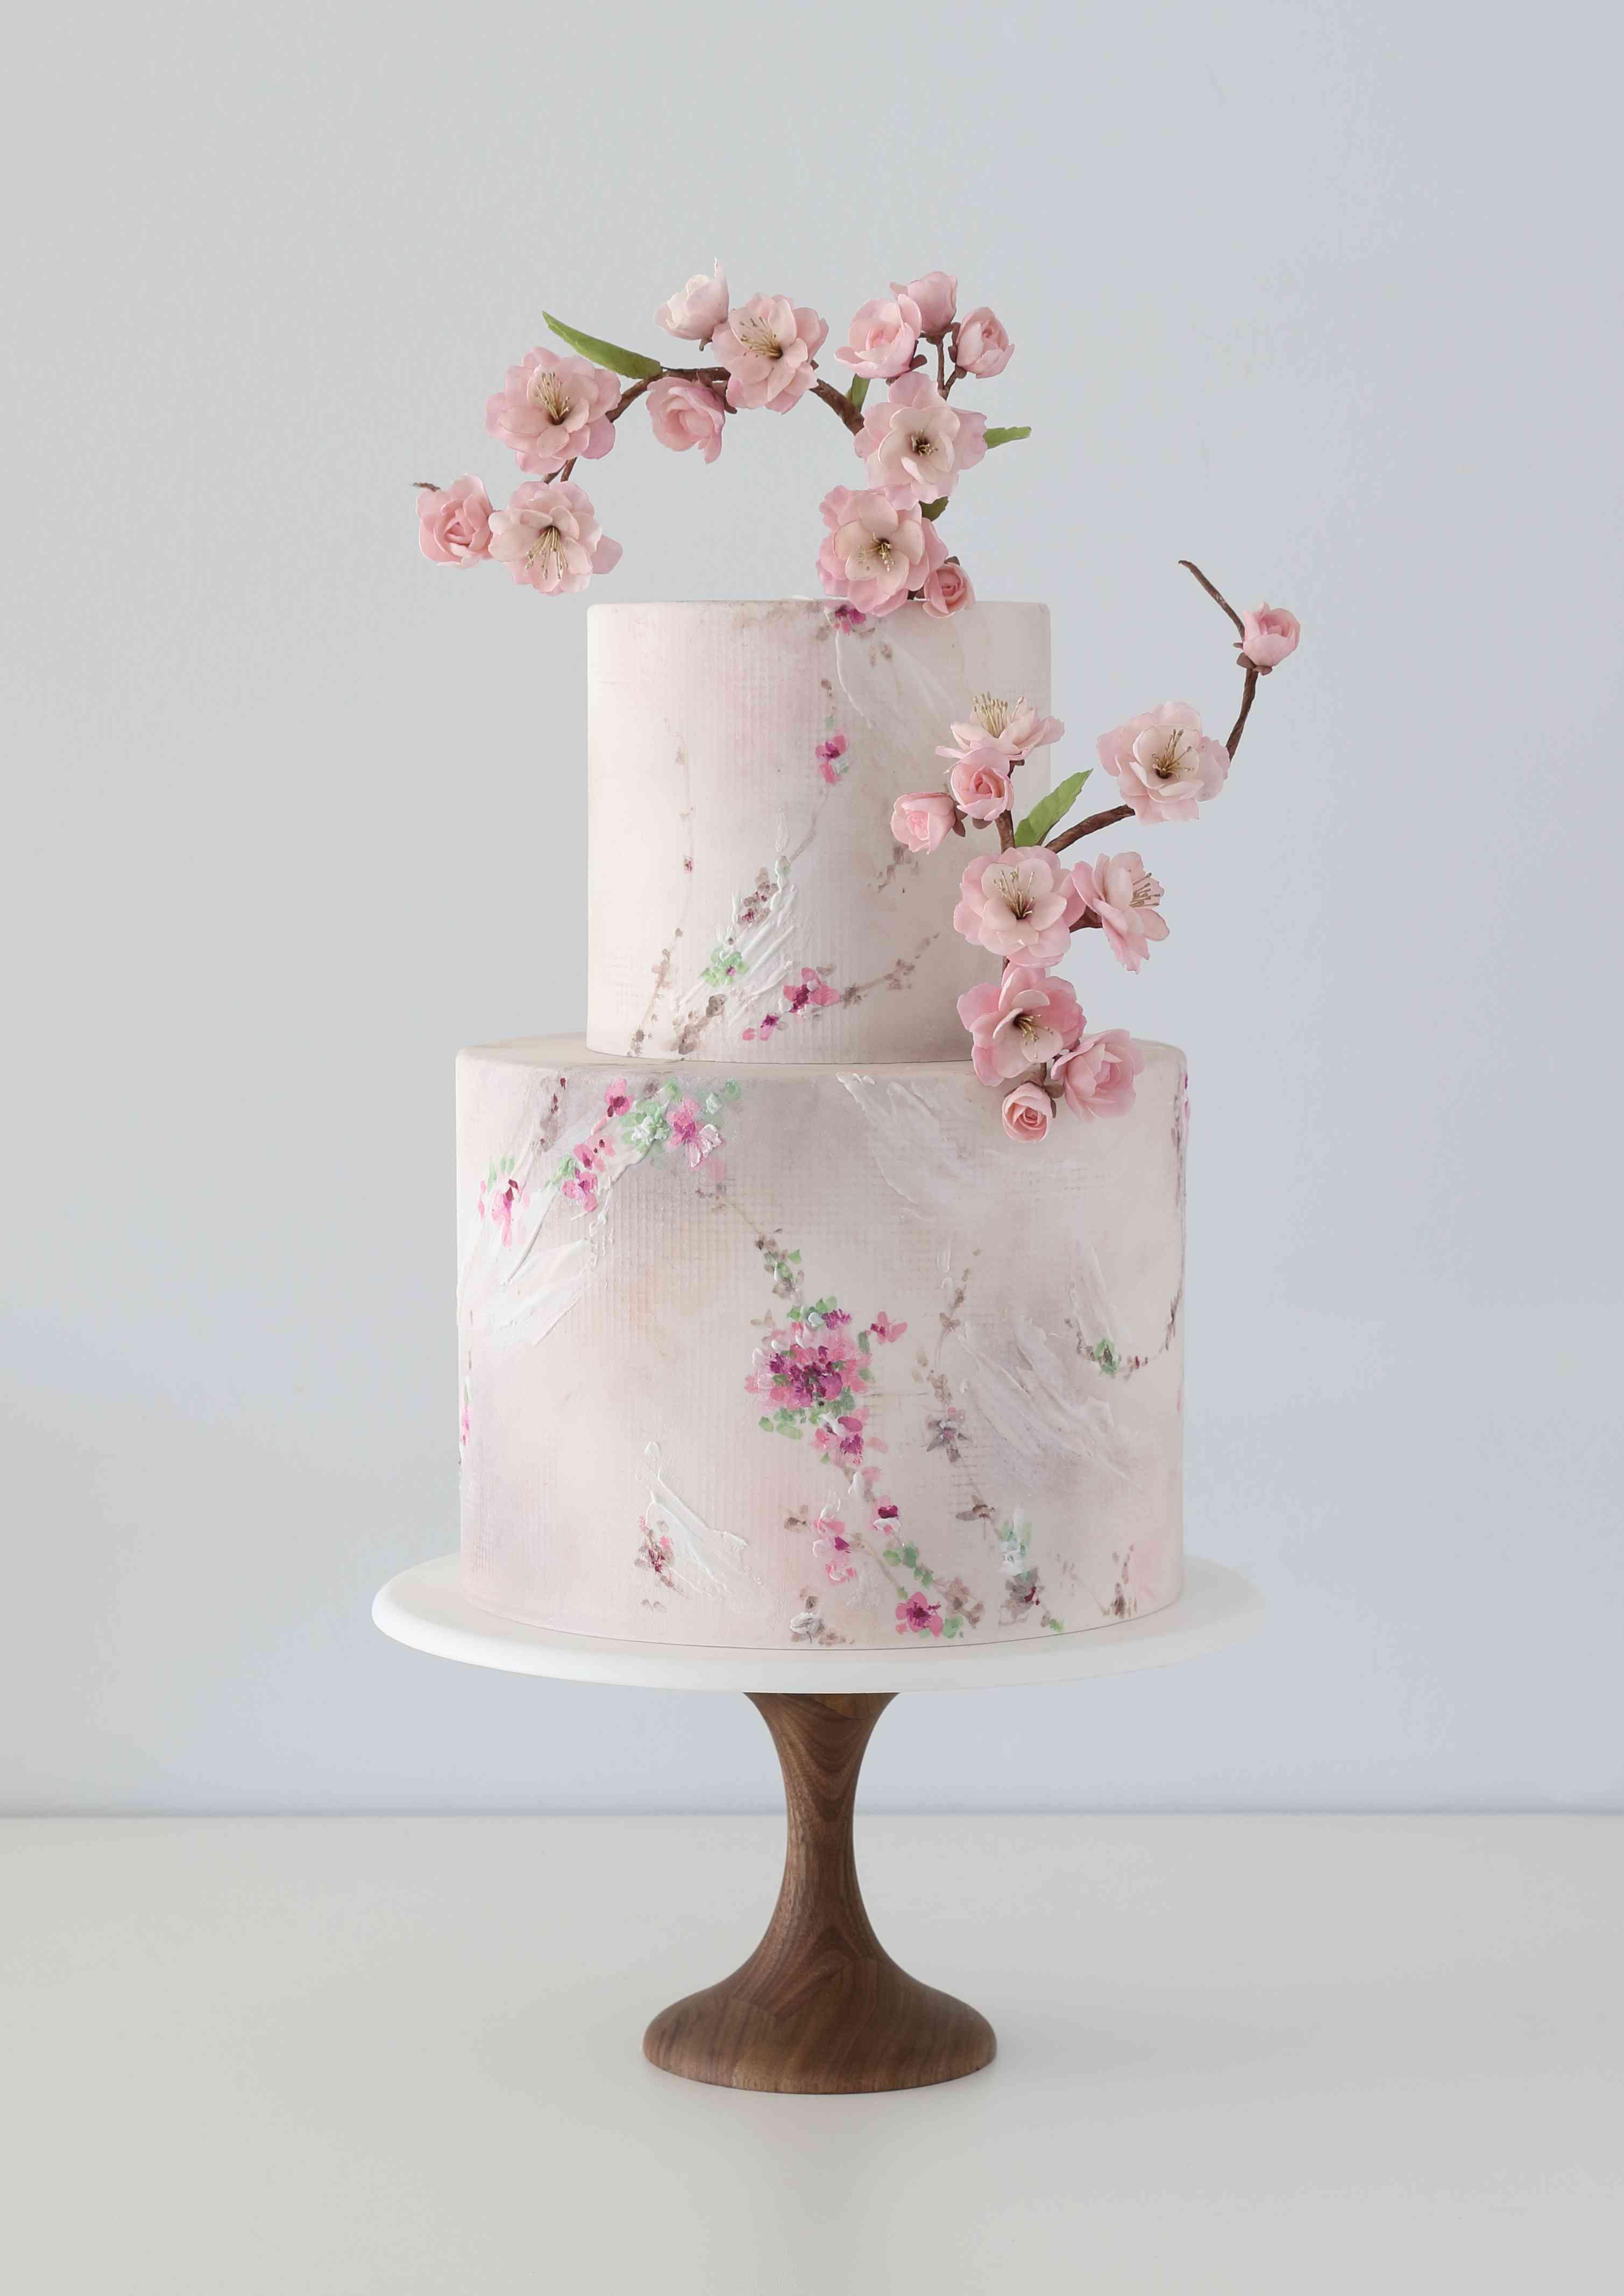 Handpainted cherry blossom cake